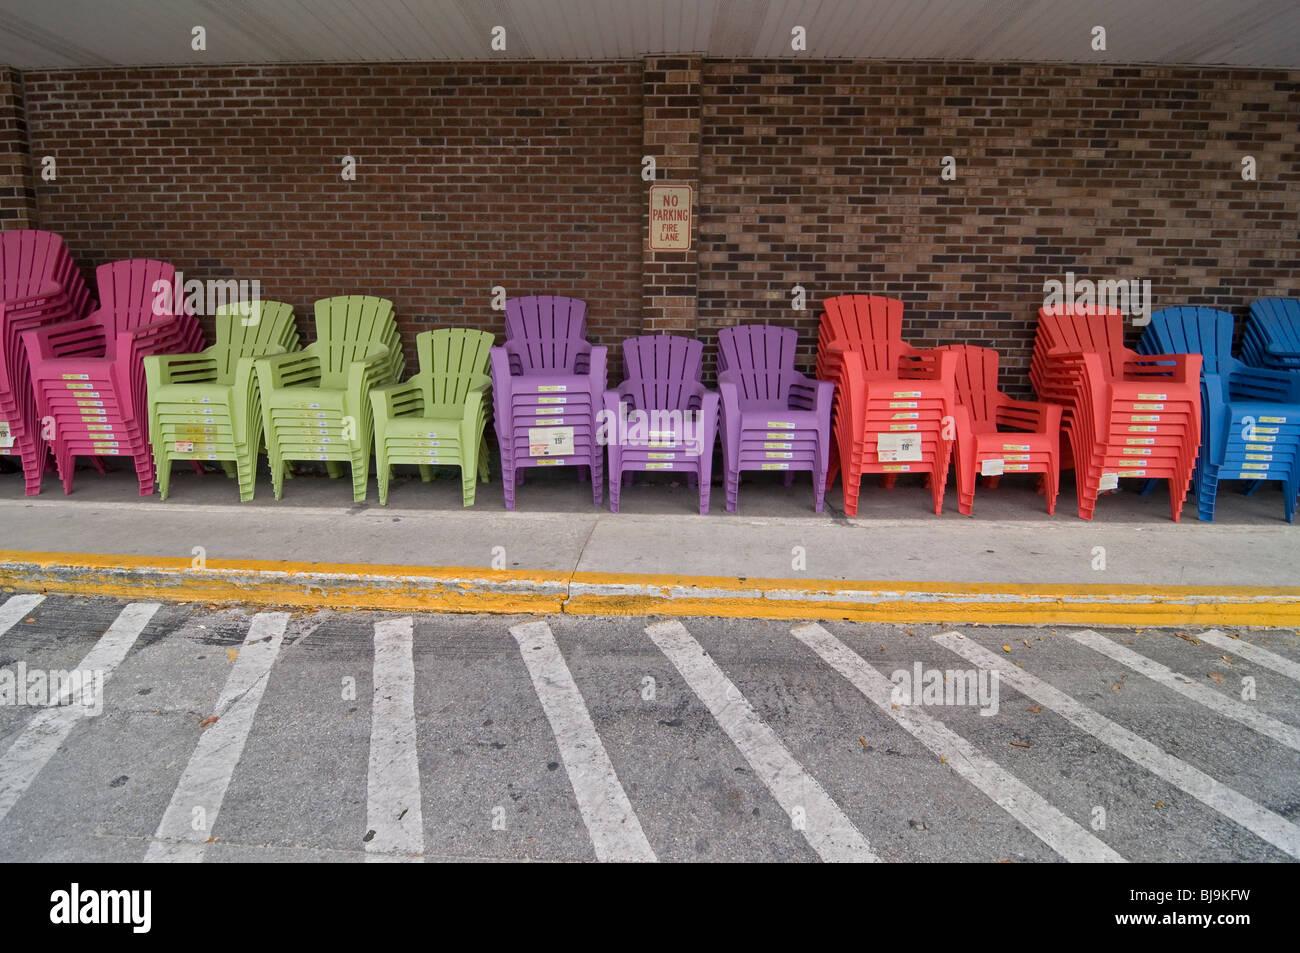 Multi Farbige Kunststoff Gartenmöbel Für Den Verkauf Außerhalb